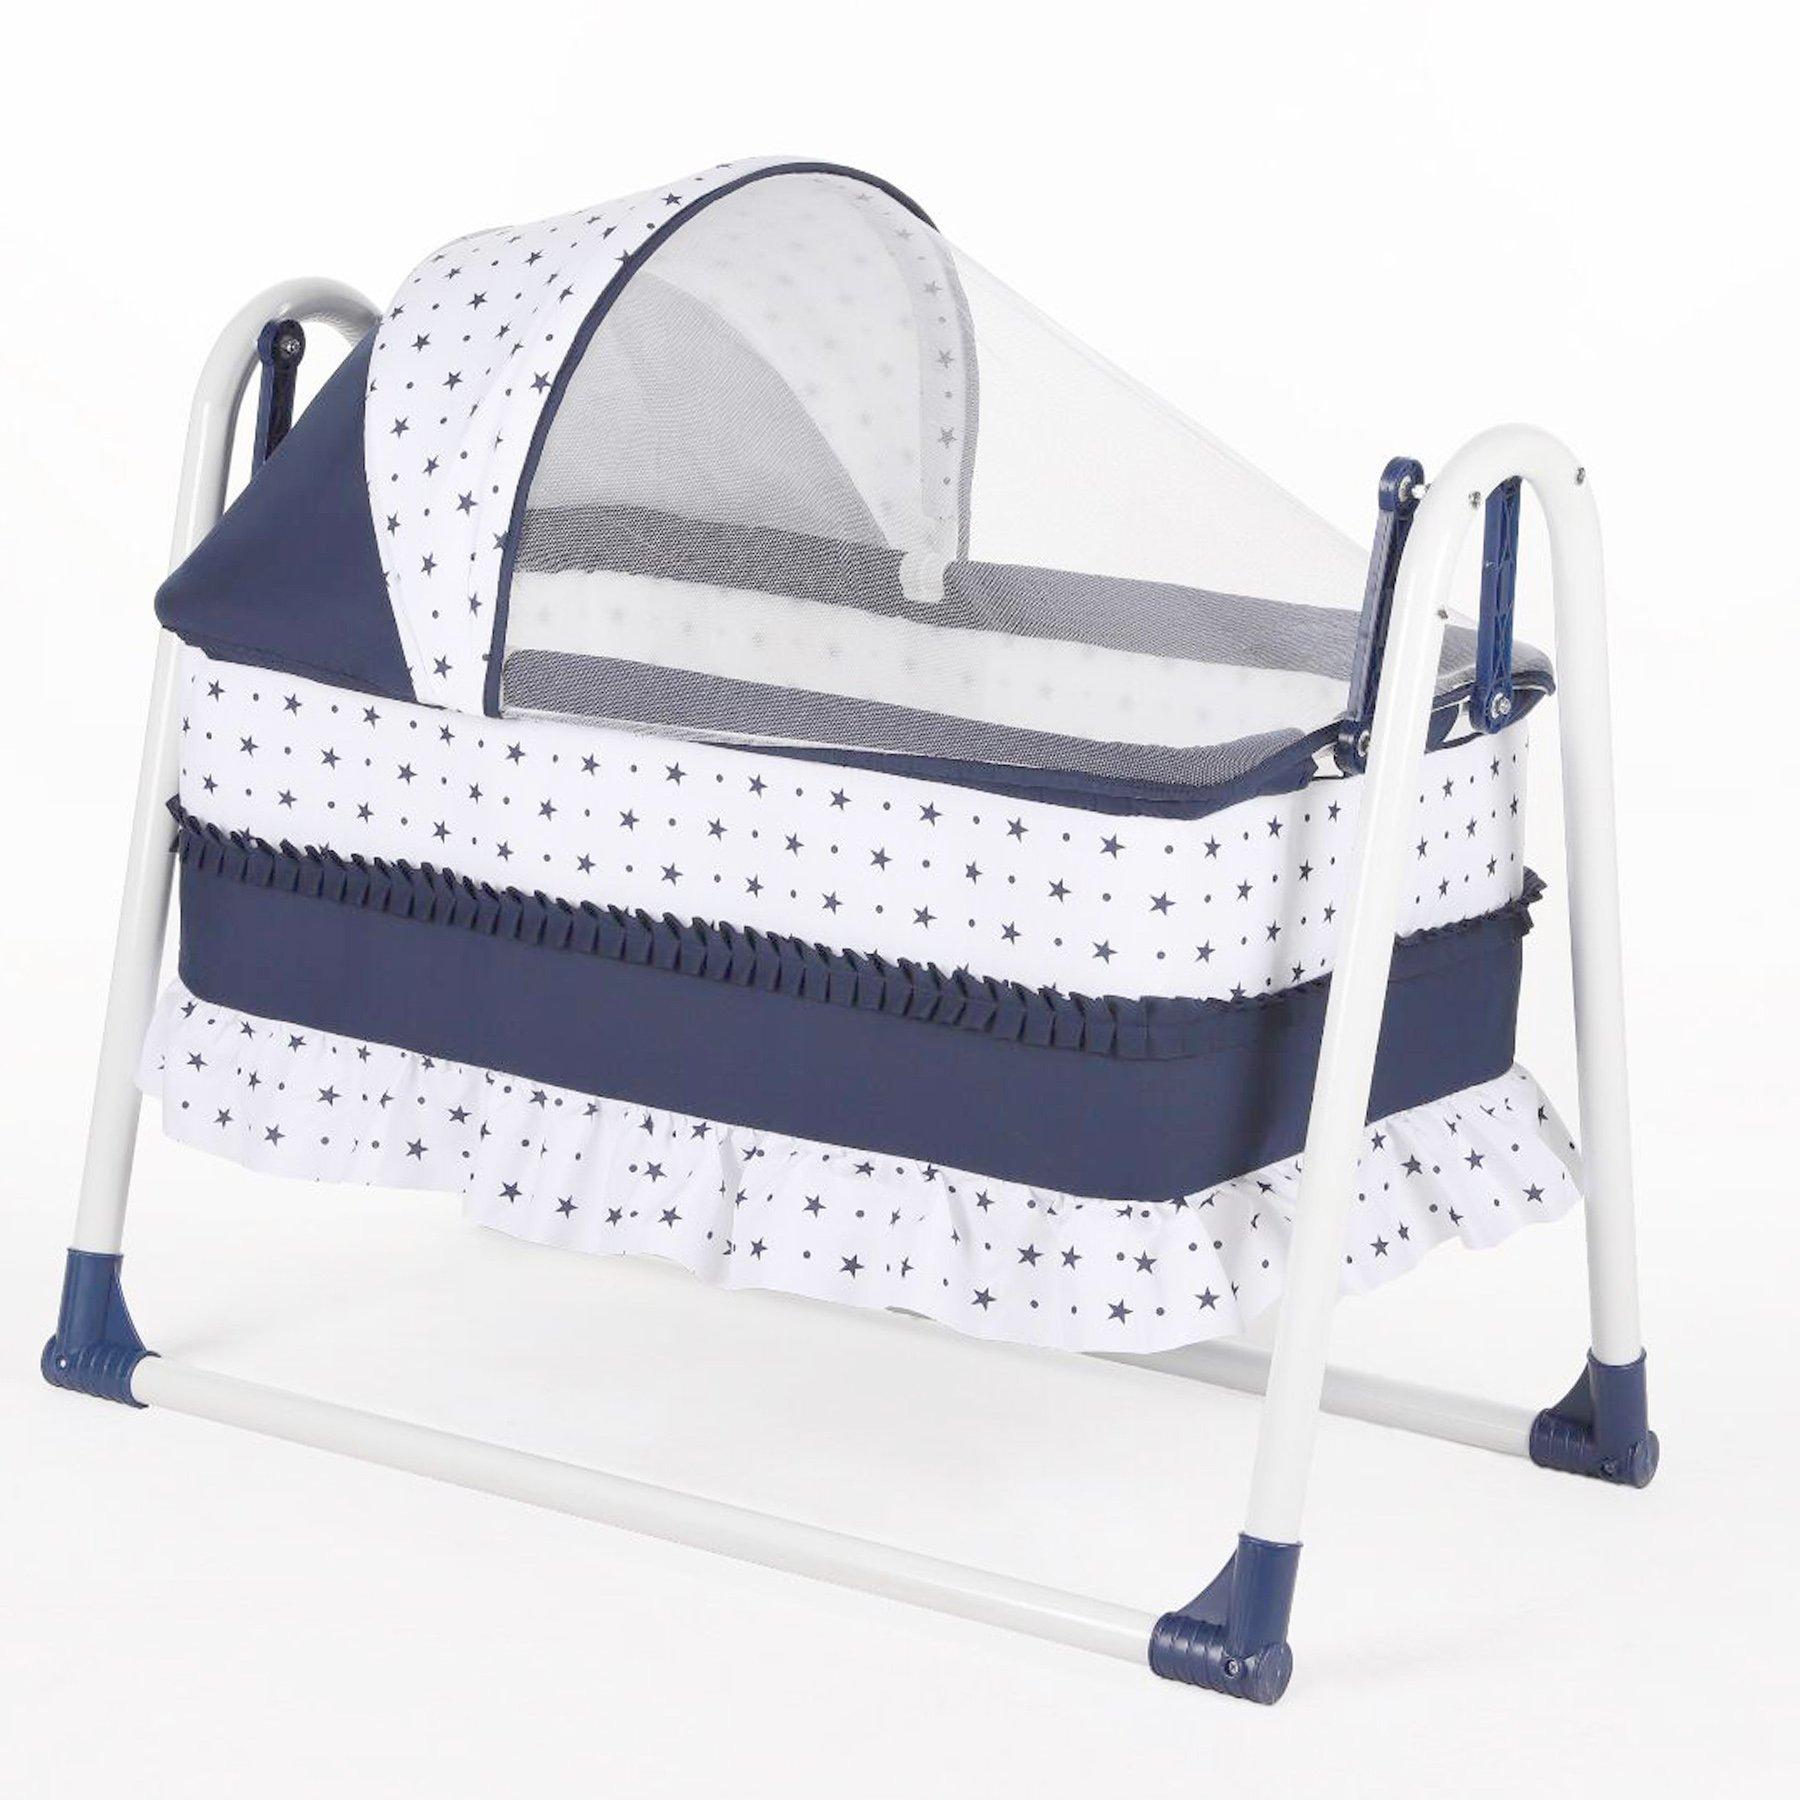 Bebegen Elite Portable Rocking Baby Crib Laci